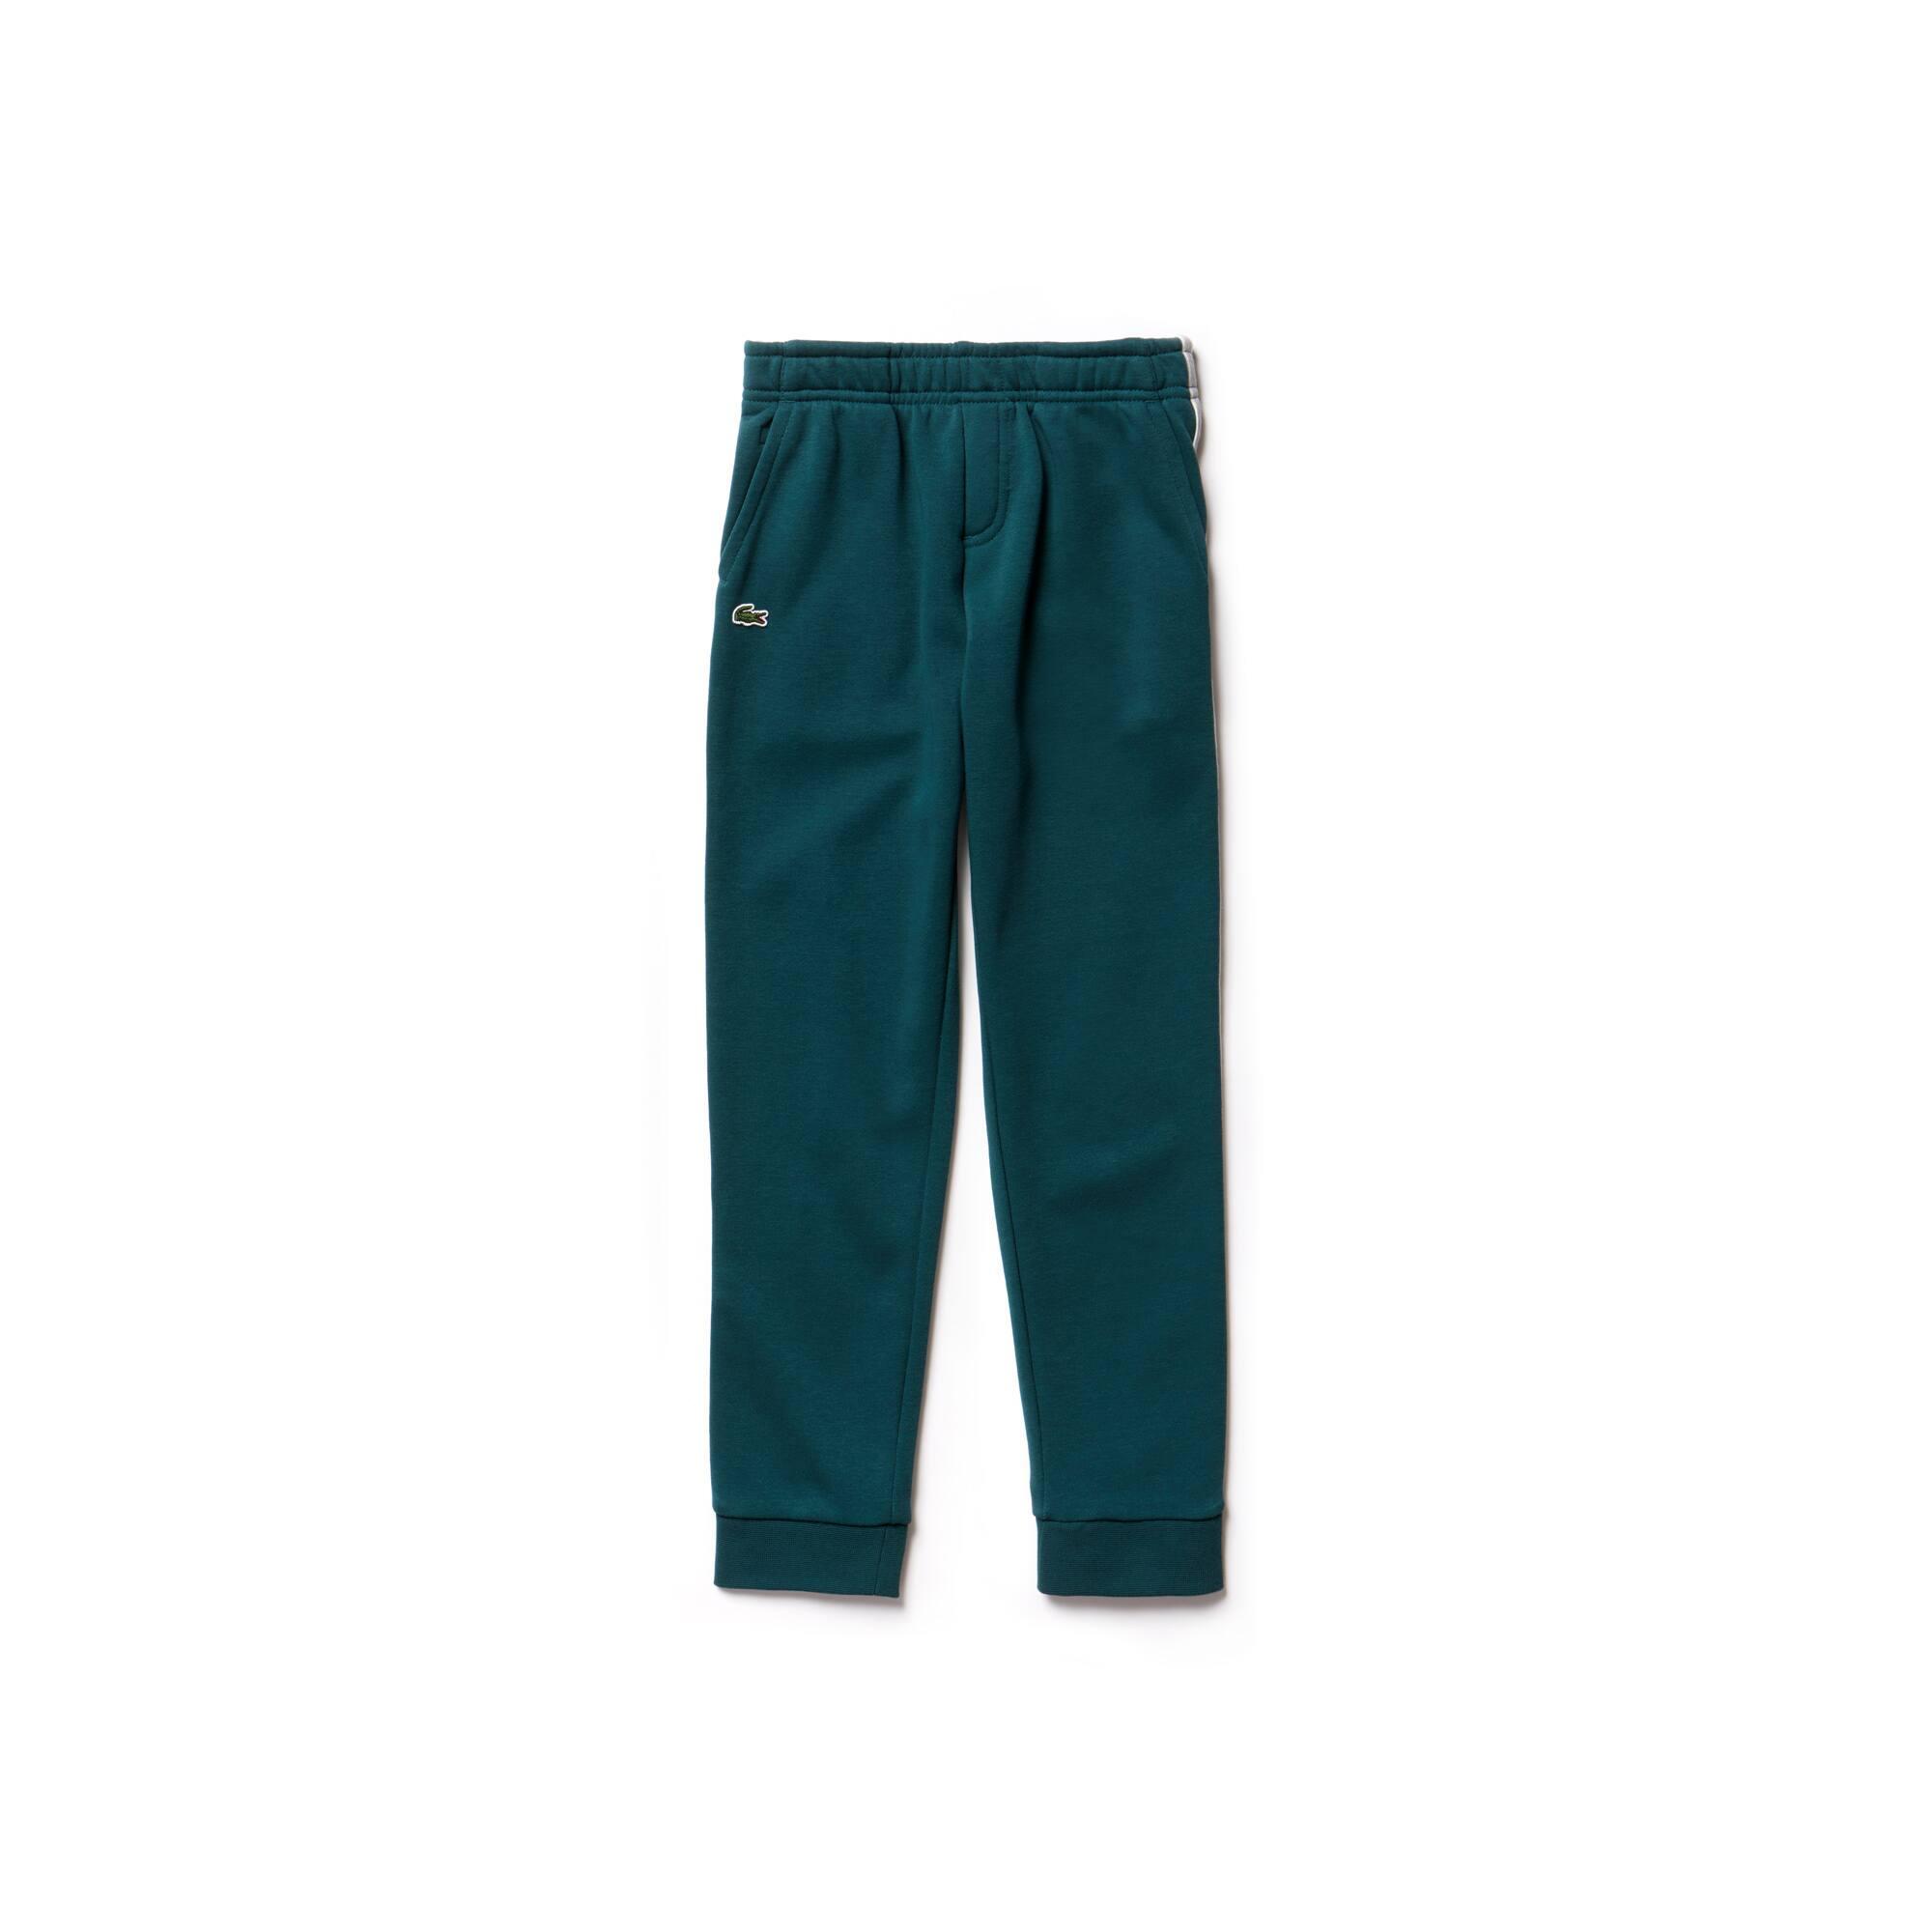 Pantalon de survêtement Garçon en molleton à bandes latérales